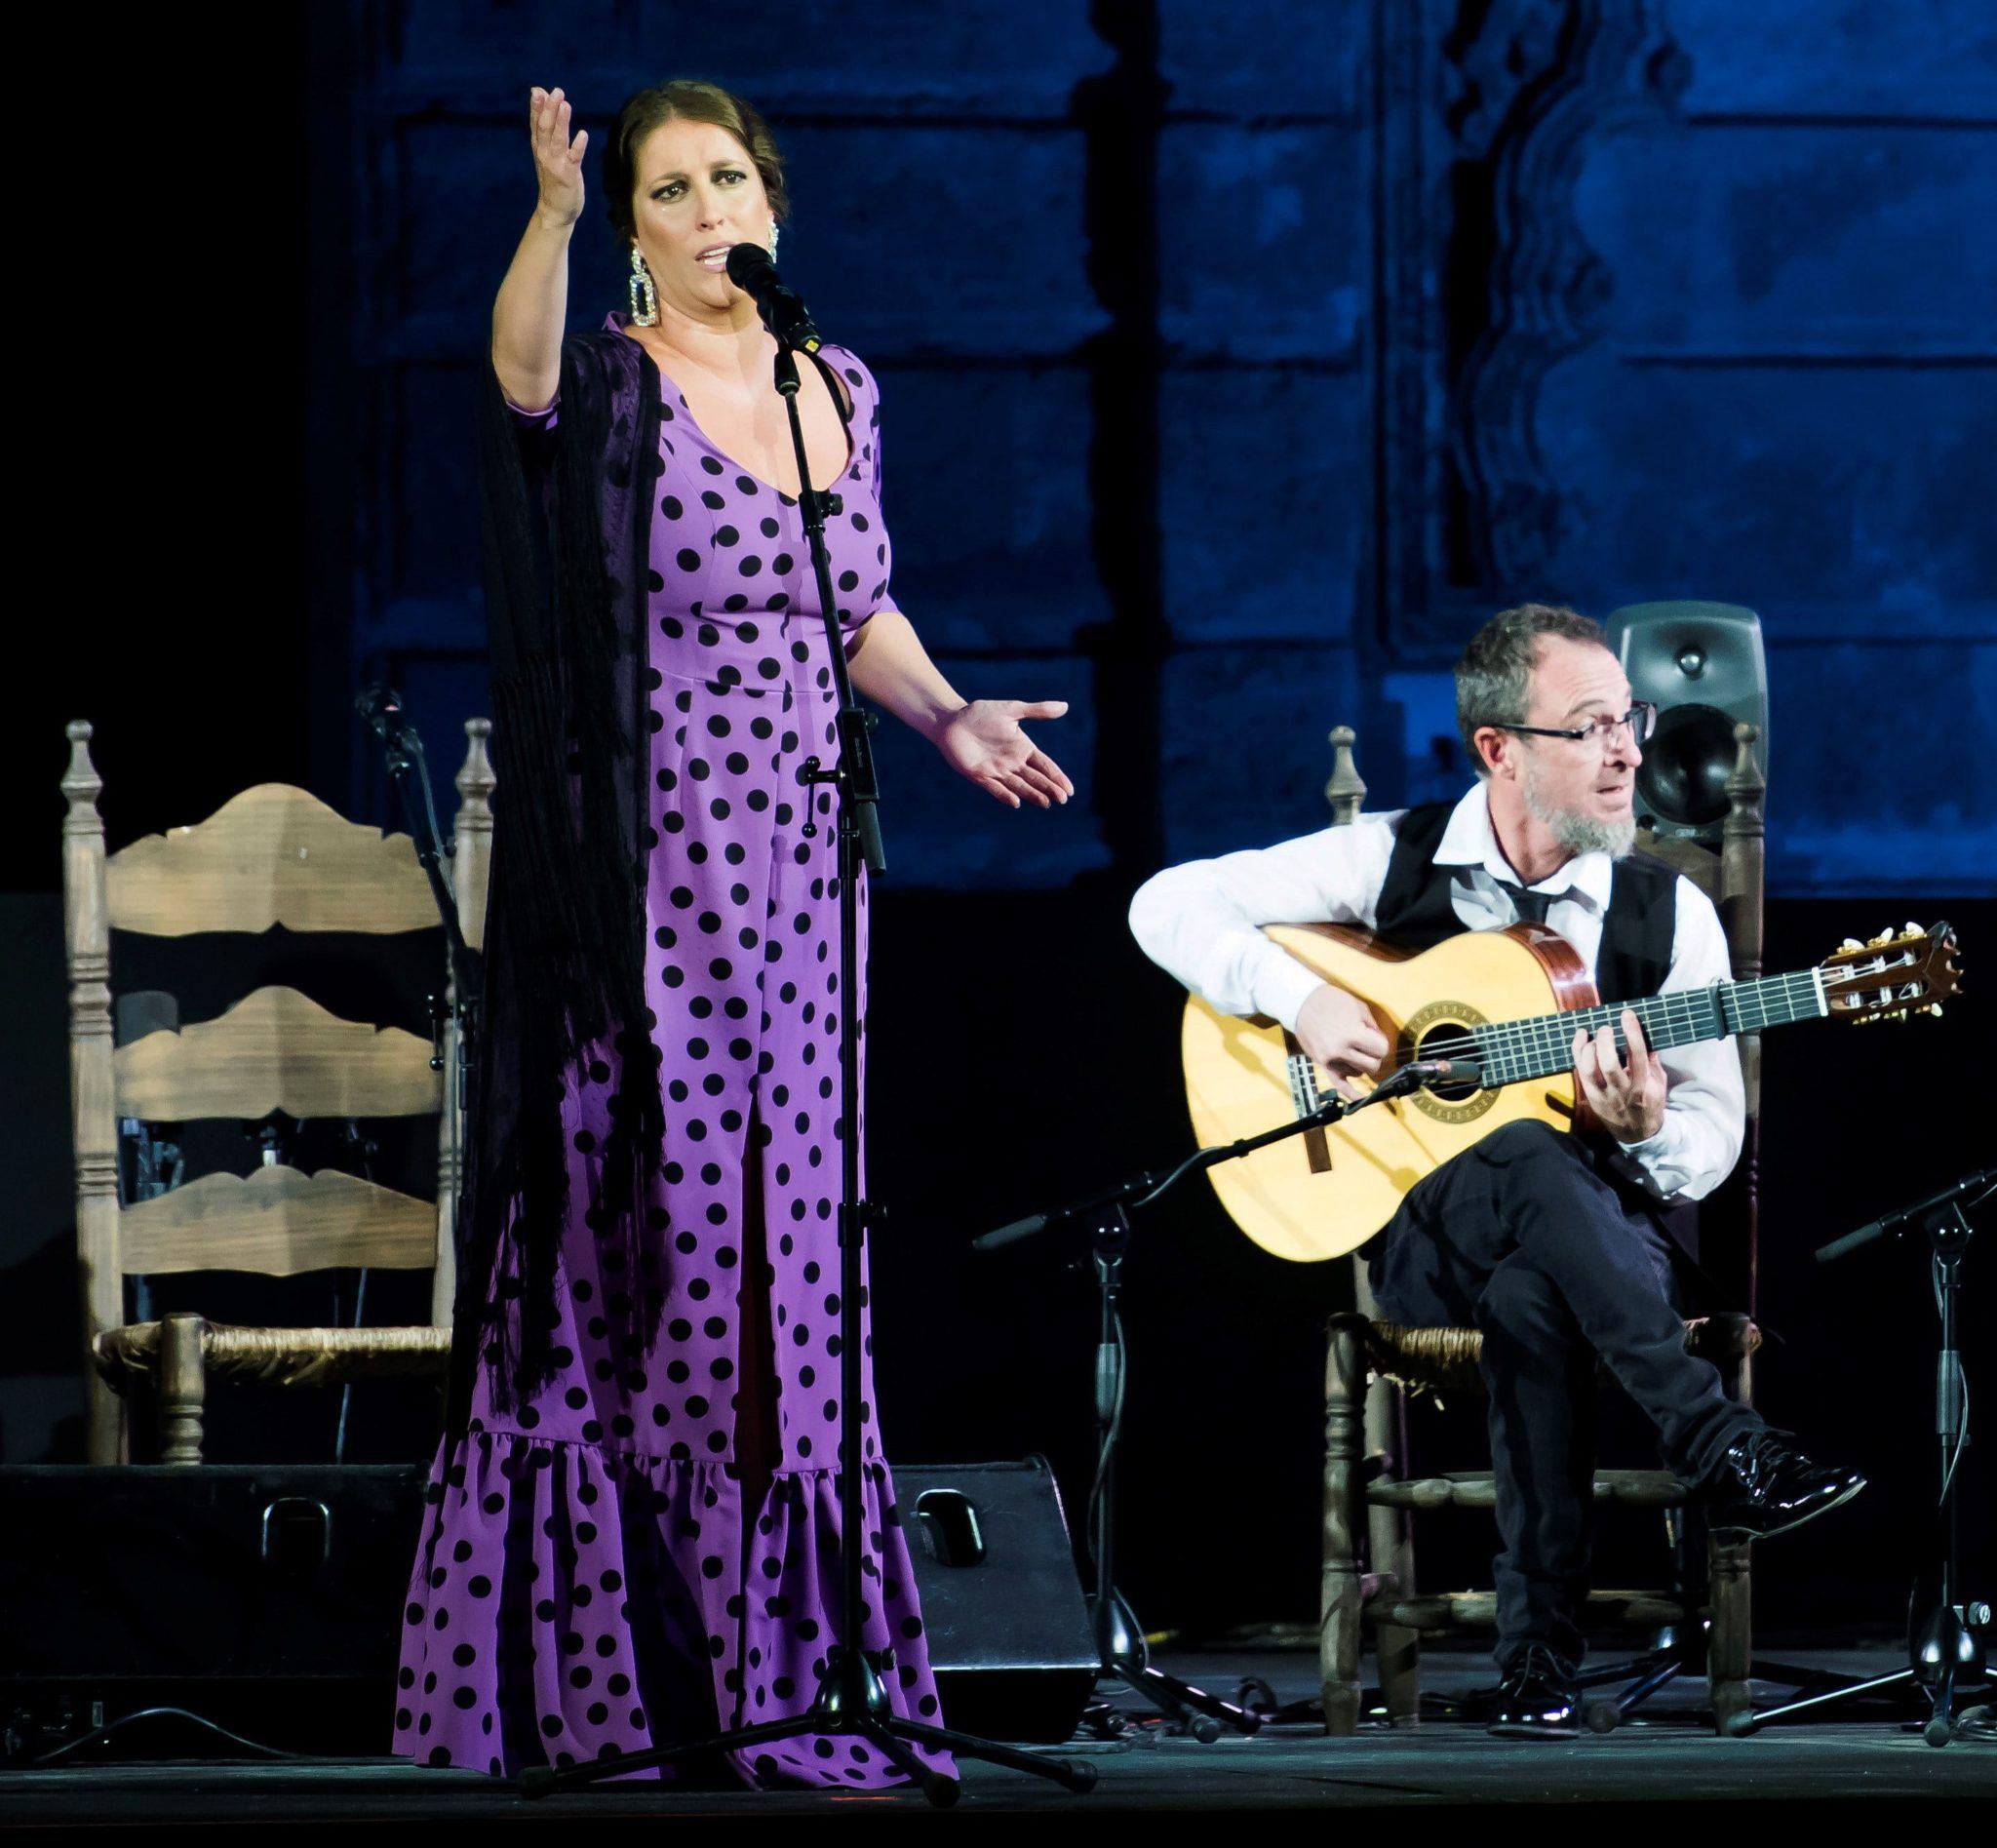 Hiszpania: festiwal Flamenco w Hiszpanii, największego tego typu wydarzenie na świecie potrwa do końca września, fot. Raul Caro, PAP/EPA